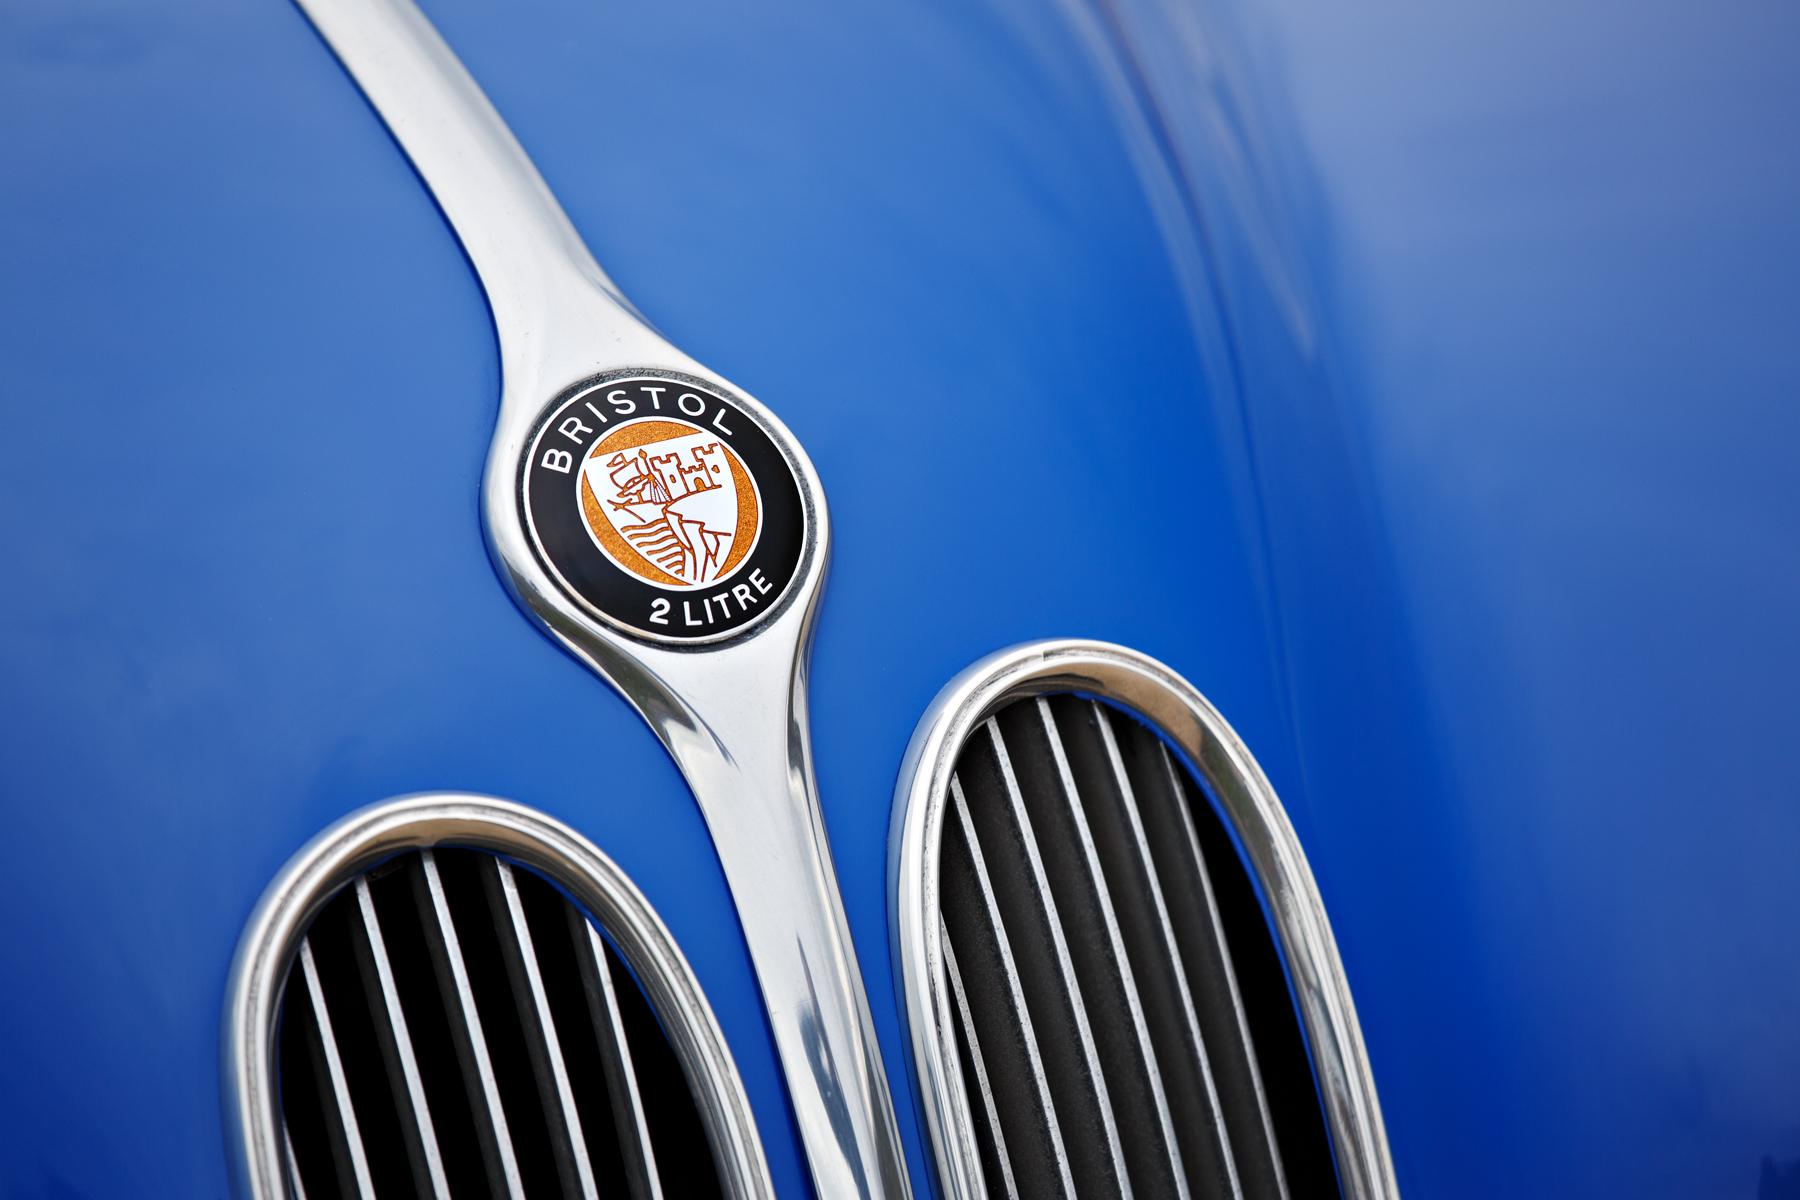 1949 Bristol 402 Cabriolet badge